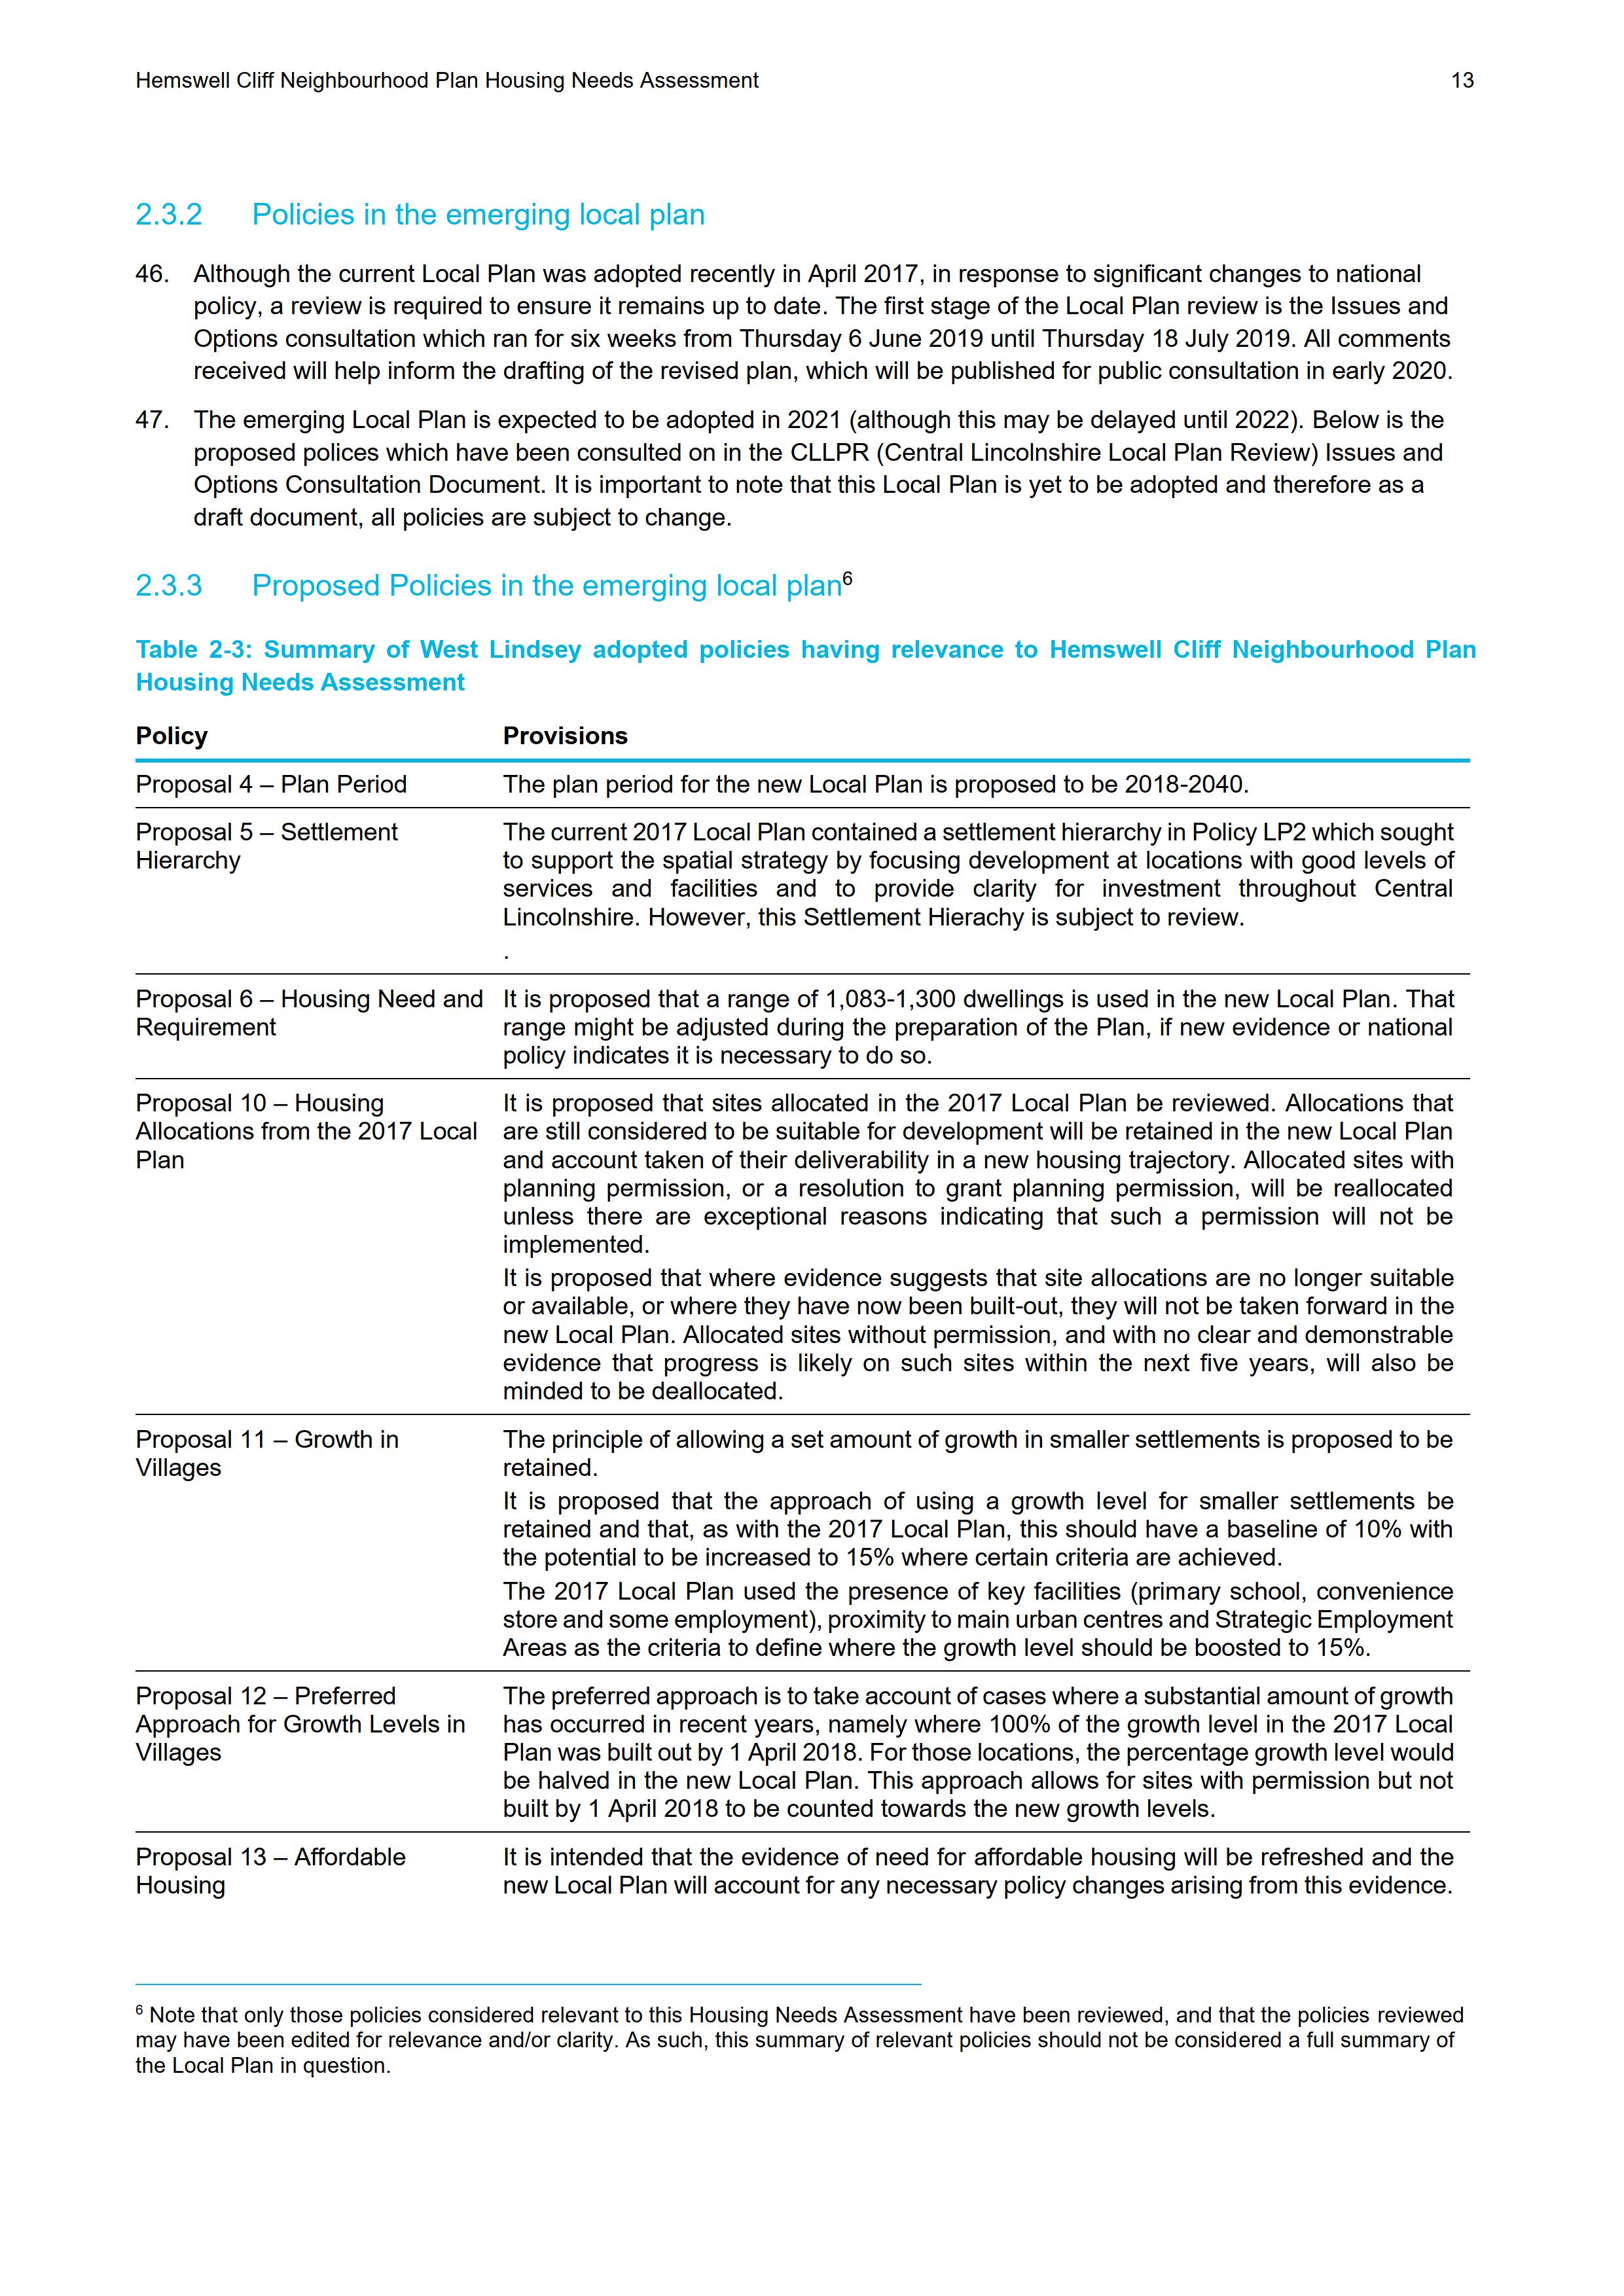 Hemswell_Cliff_Housing_Needs_Assessment_Final_13.png